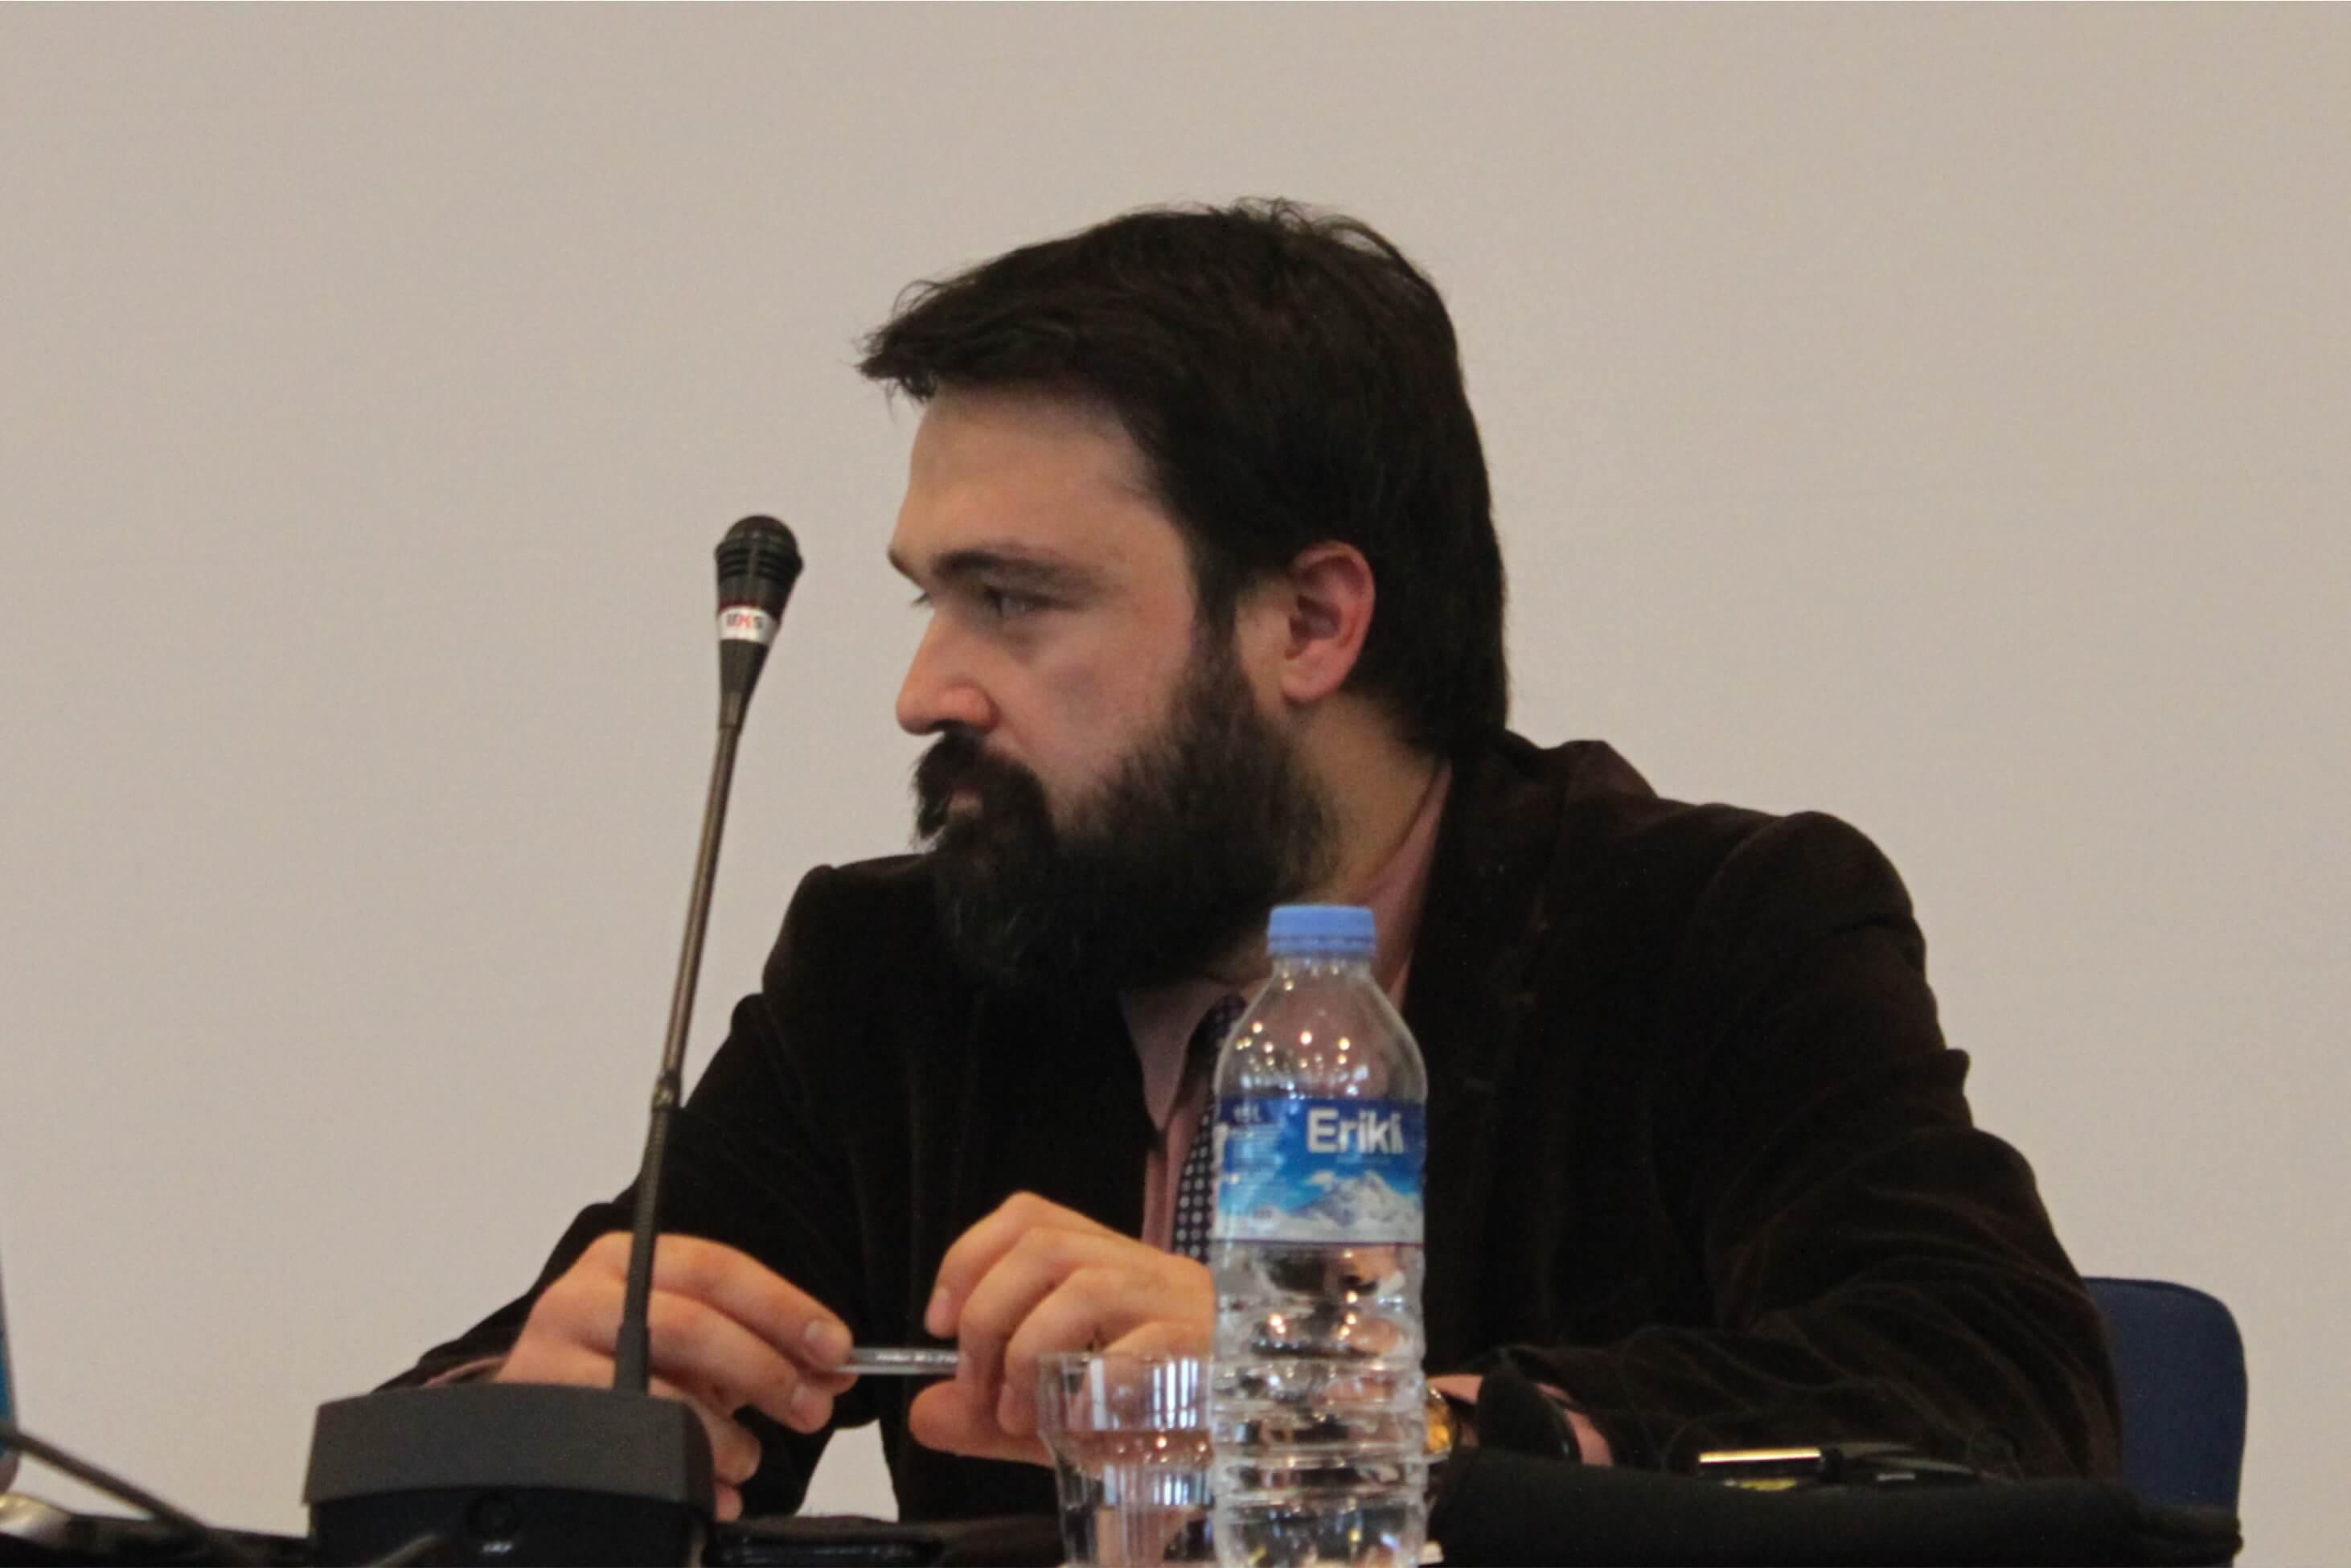 Marmara Üniversitesi Öğretim Üyesi Tolga Şirin TCK 216(3) hükmünün mahkemelerce uygulanması üzerine bir sunum yaptı.